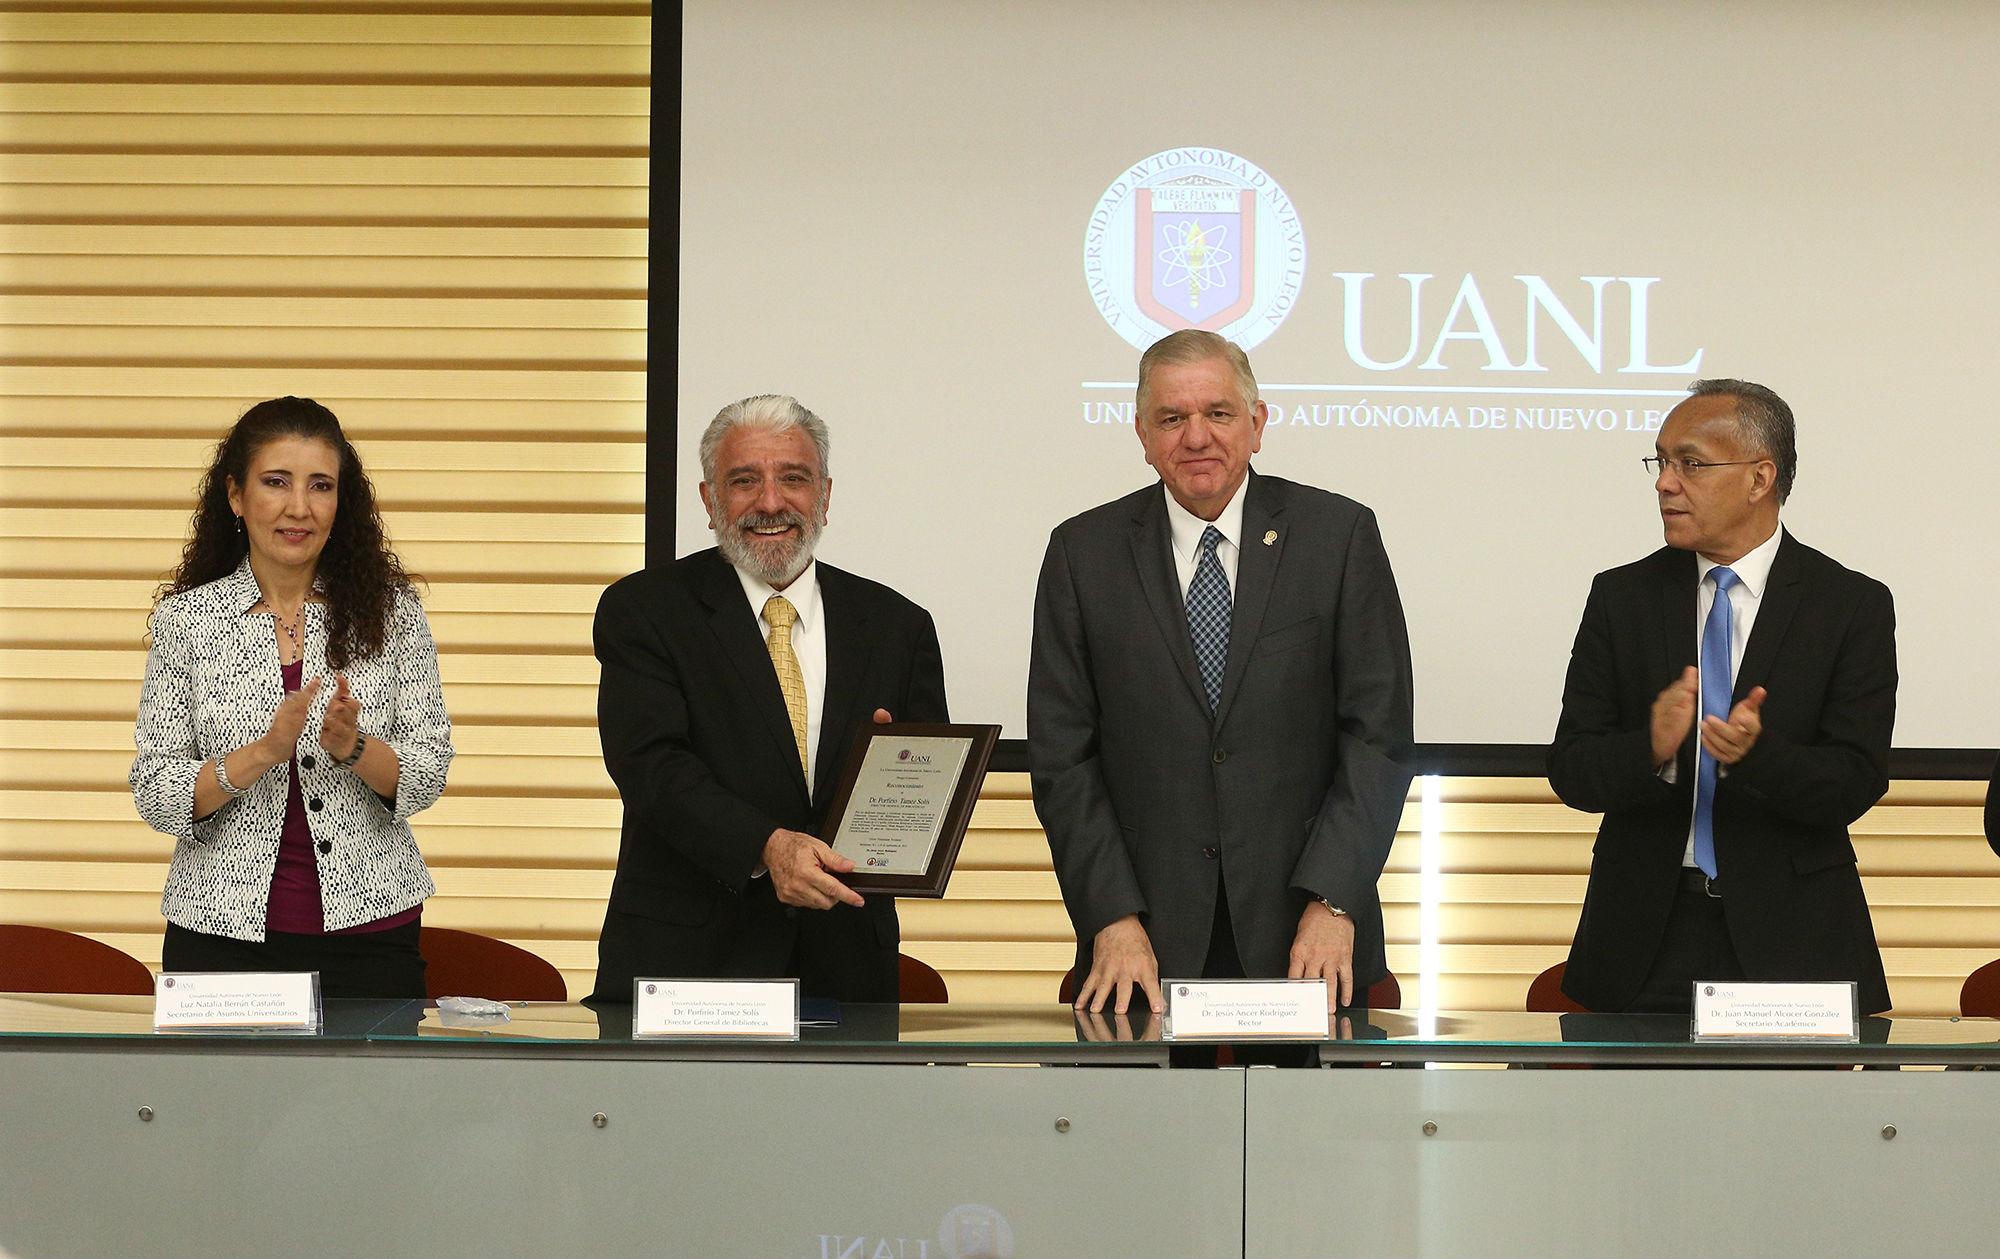 El rector entregó un reconocimiento a Porfirio Tamez, director del espacio universitario